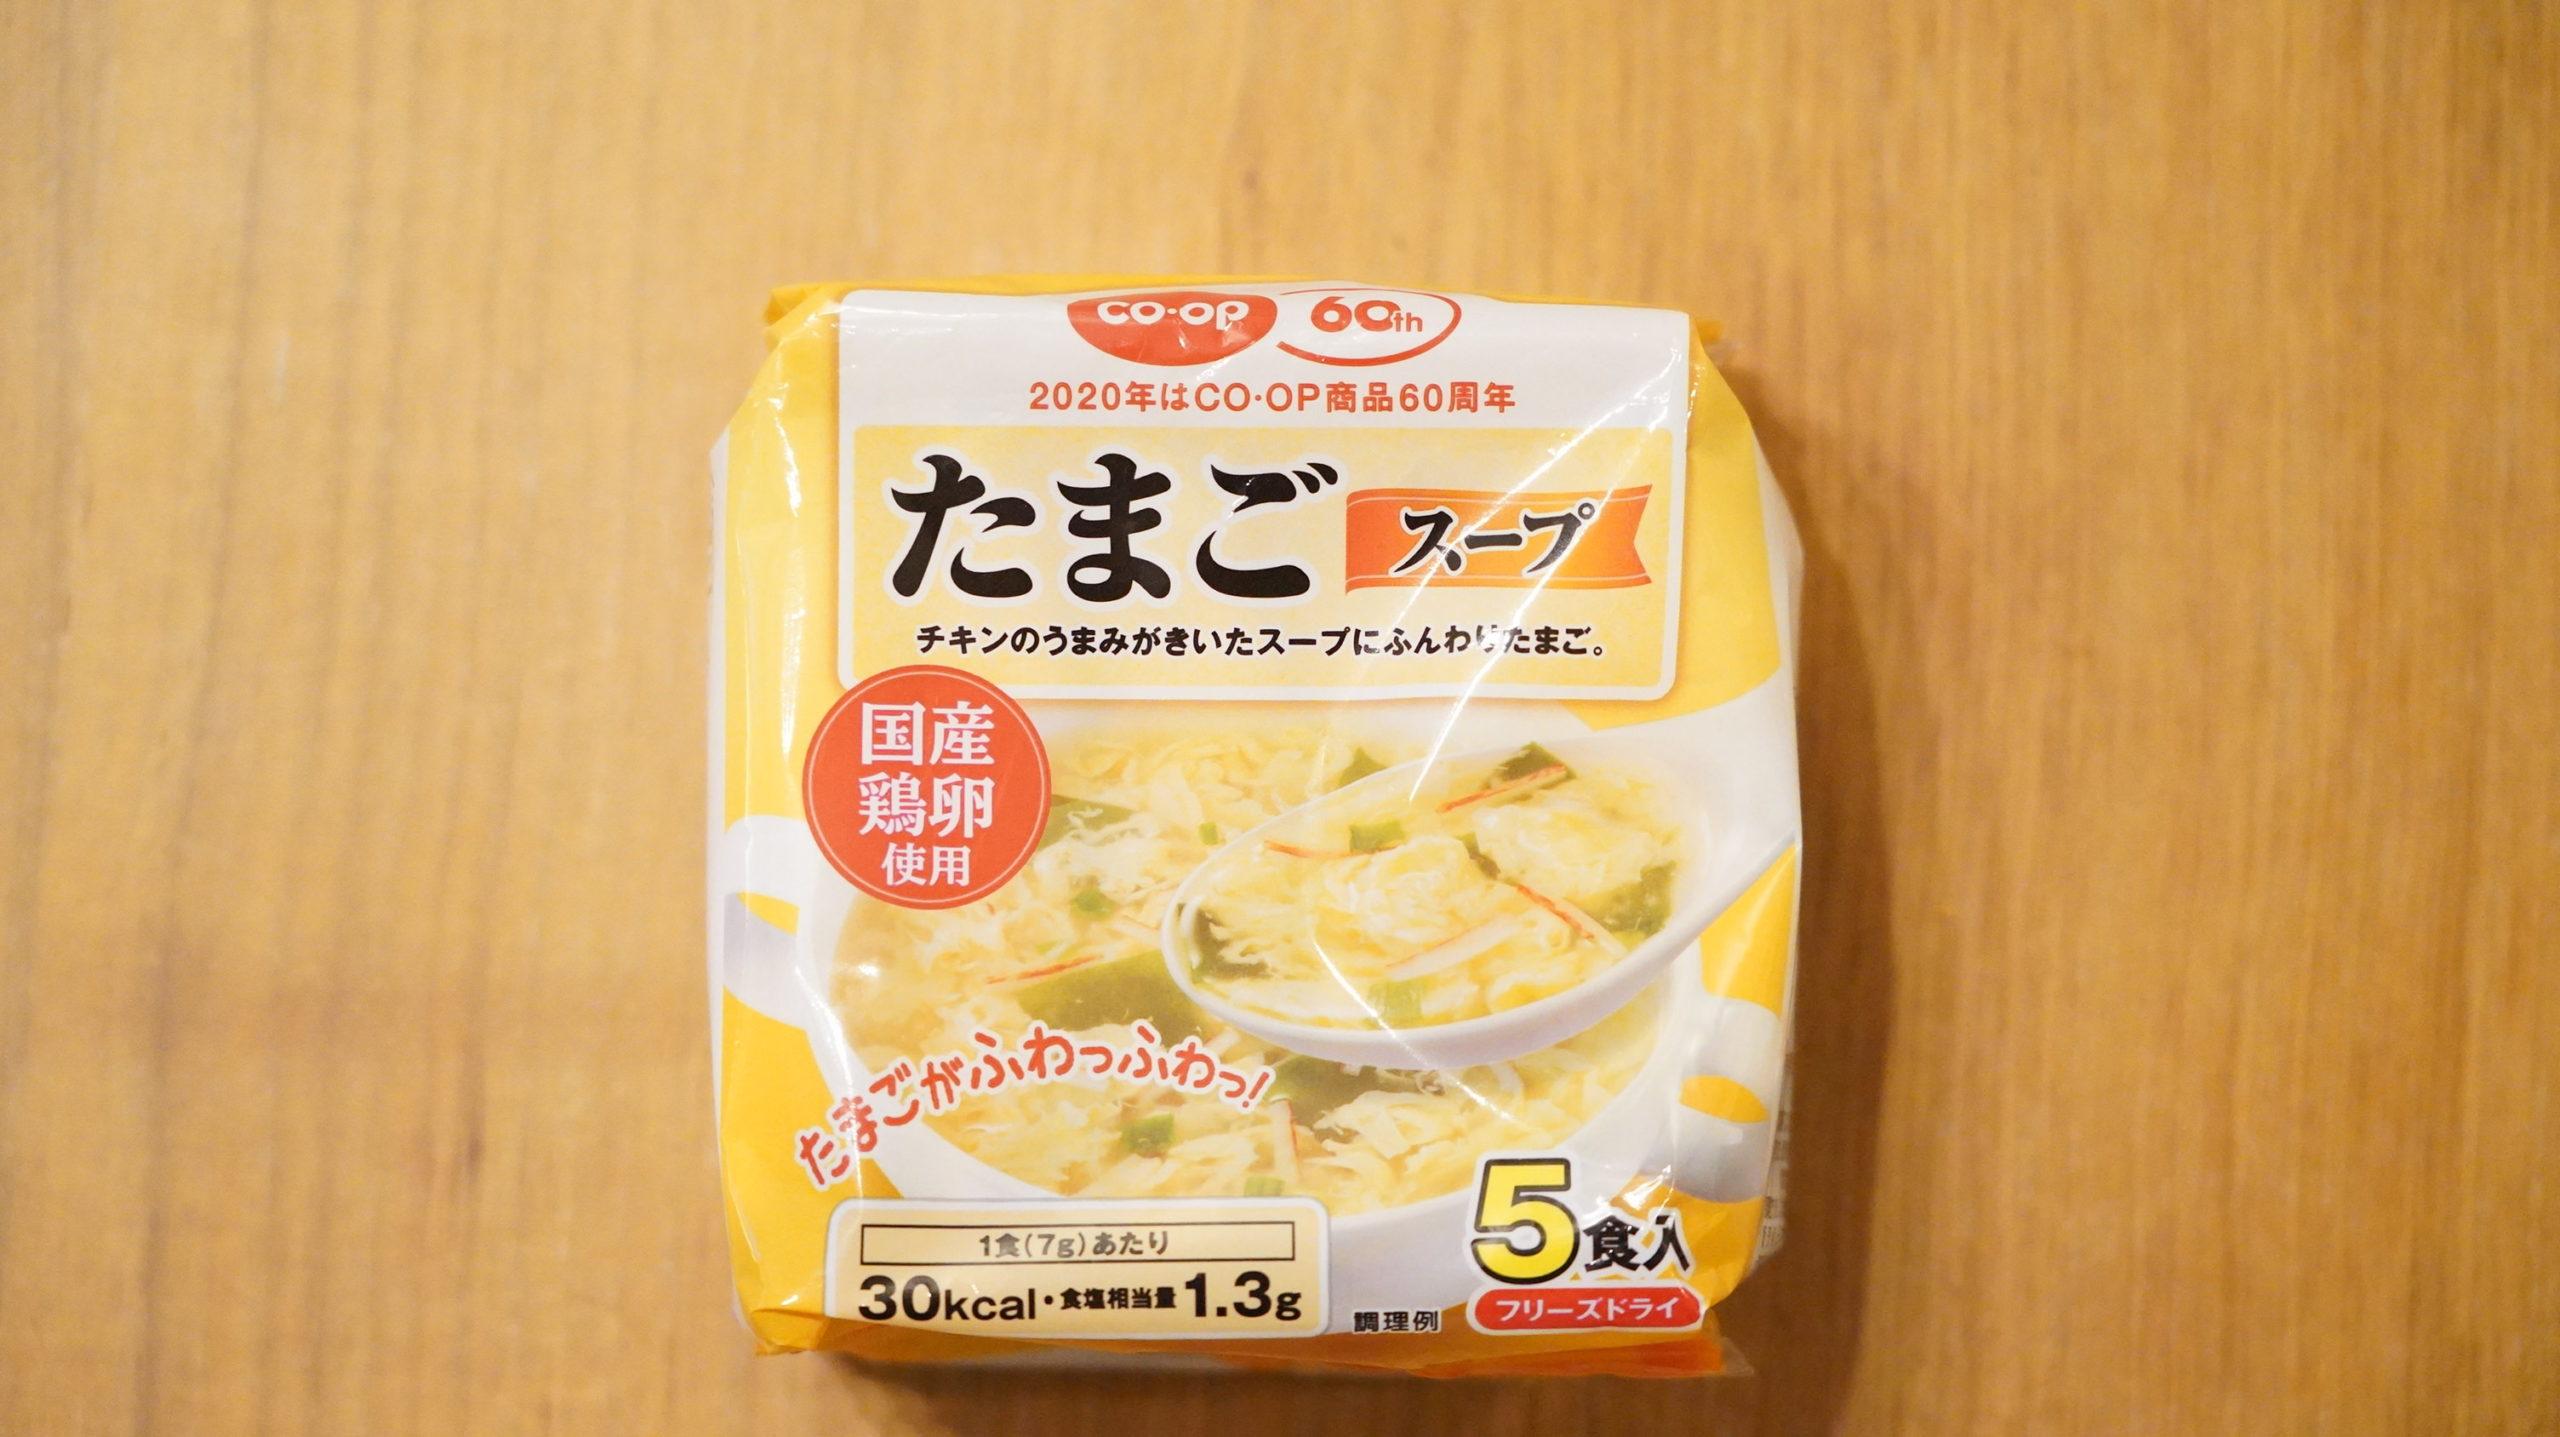 生協の宅配「おうちコープ」のたまごスープのパッケージ